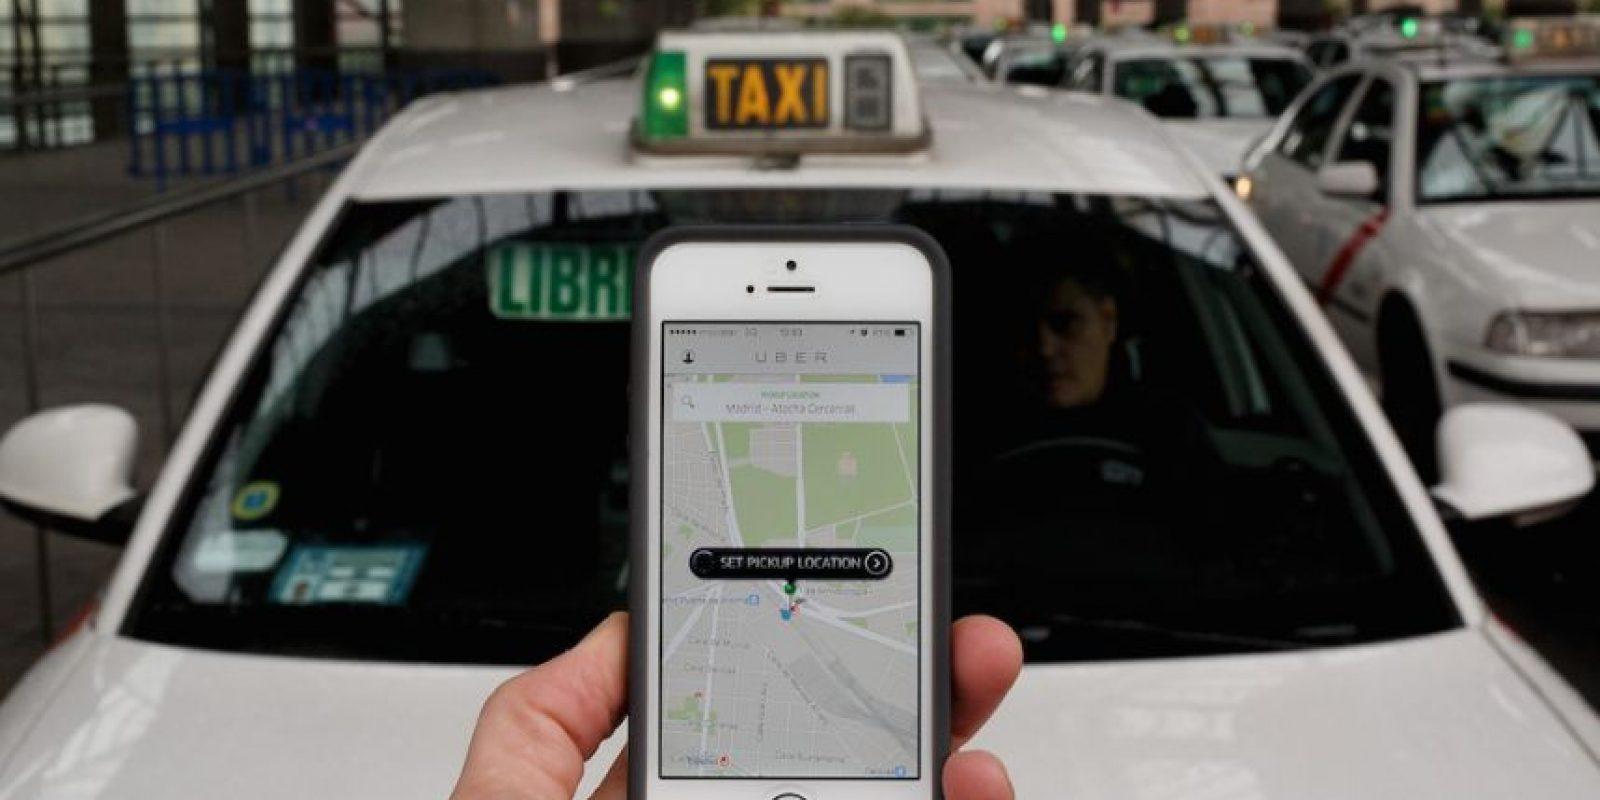 En mayo pasado, una mujer pudo escapar de un intento de agresión sexual en Washington, Estados Unidos, cuando un conductor en un automóvil con calcomanía de Uber no la dejaba salir de la unidad, según asegura el sitio Hill Now. Foto:Getty Images